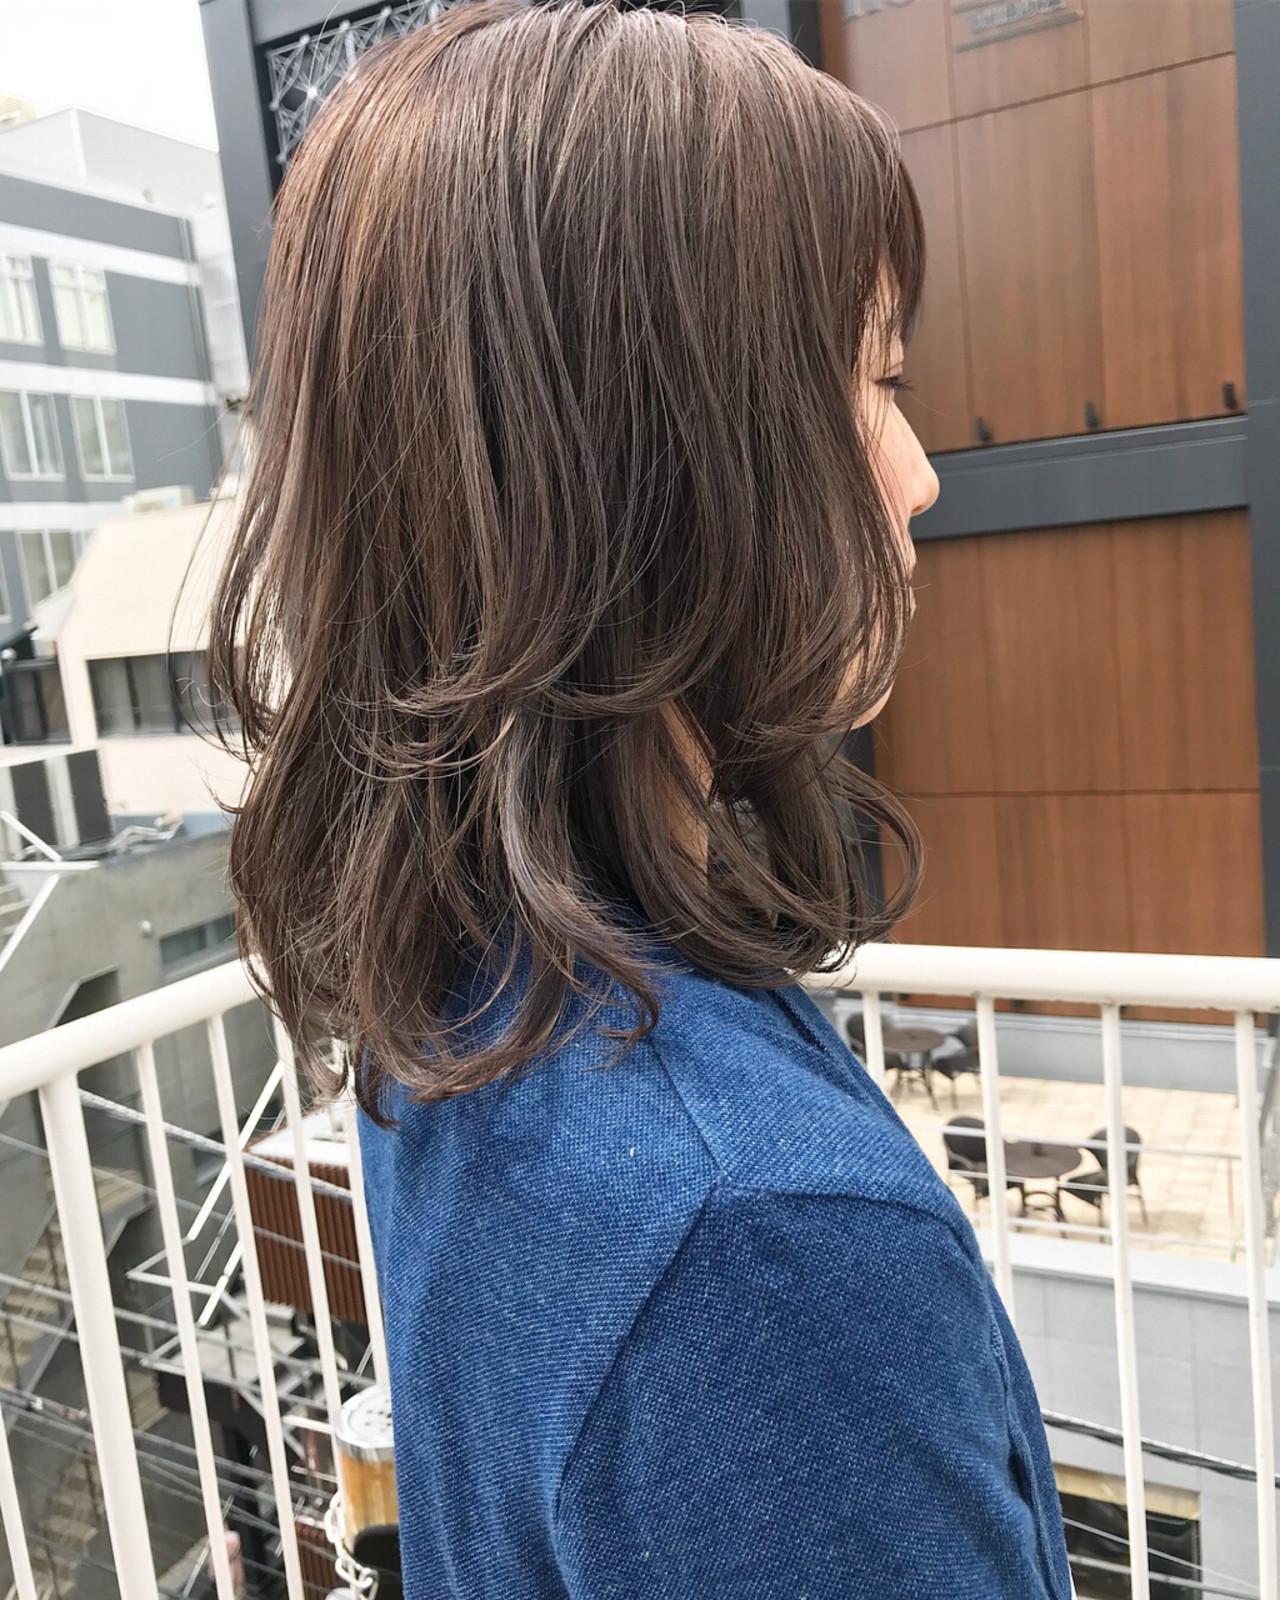 グレージュ ナチュラル ワンカール アッシュグレージュ ヘアスタイルや髪型の写真・画像